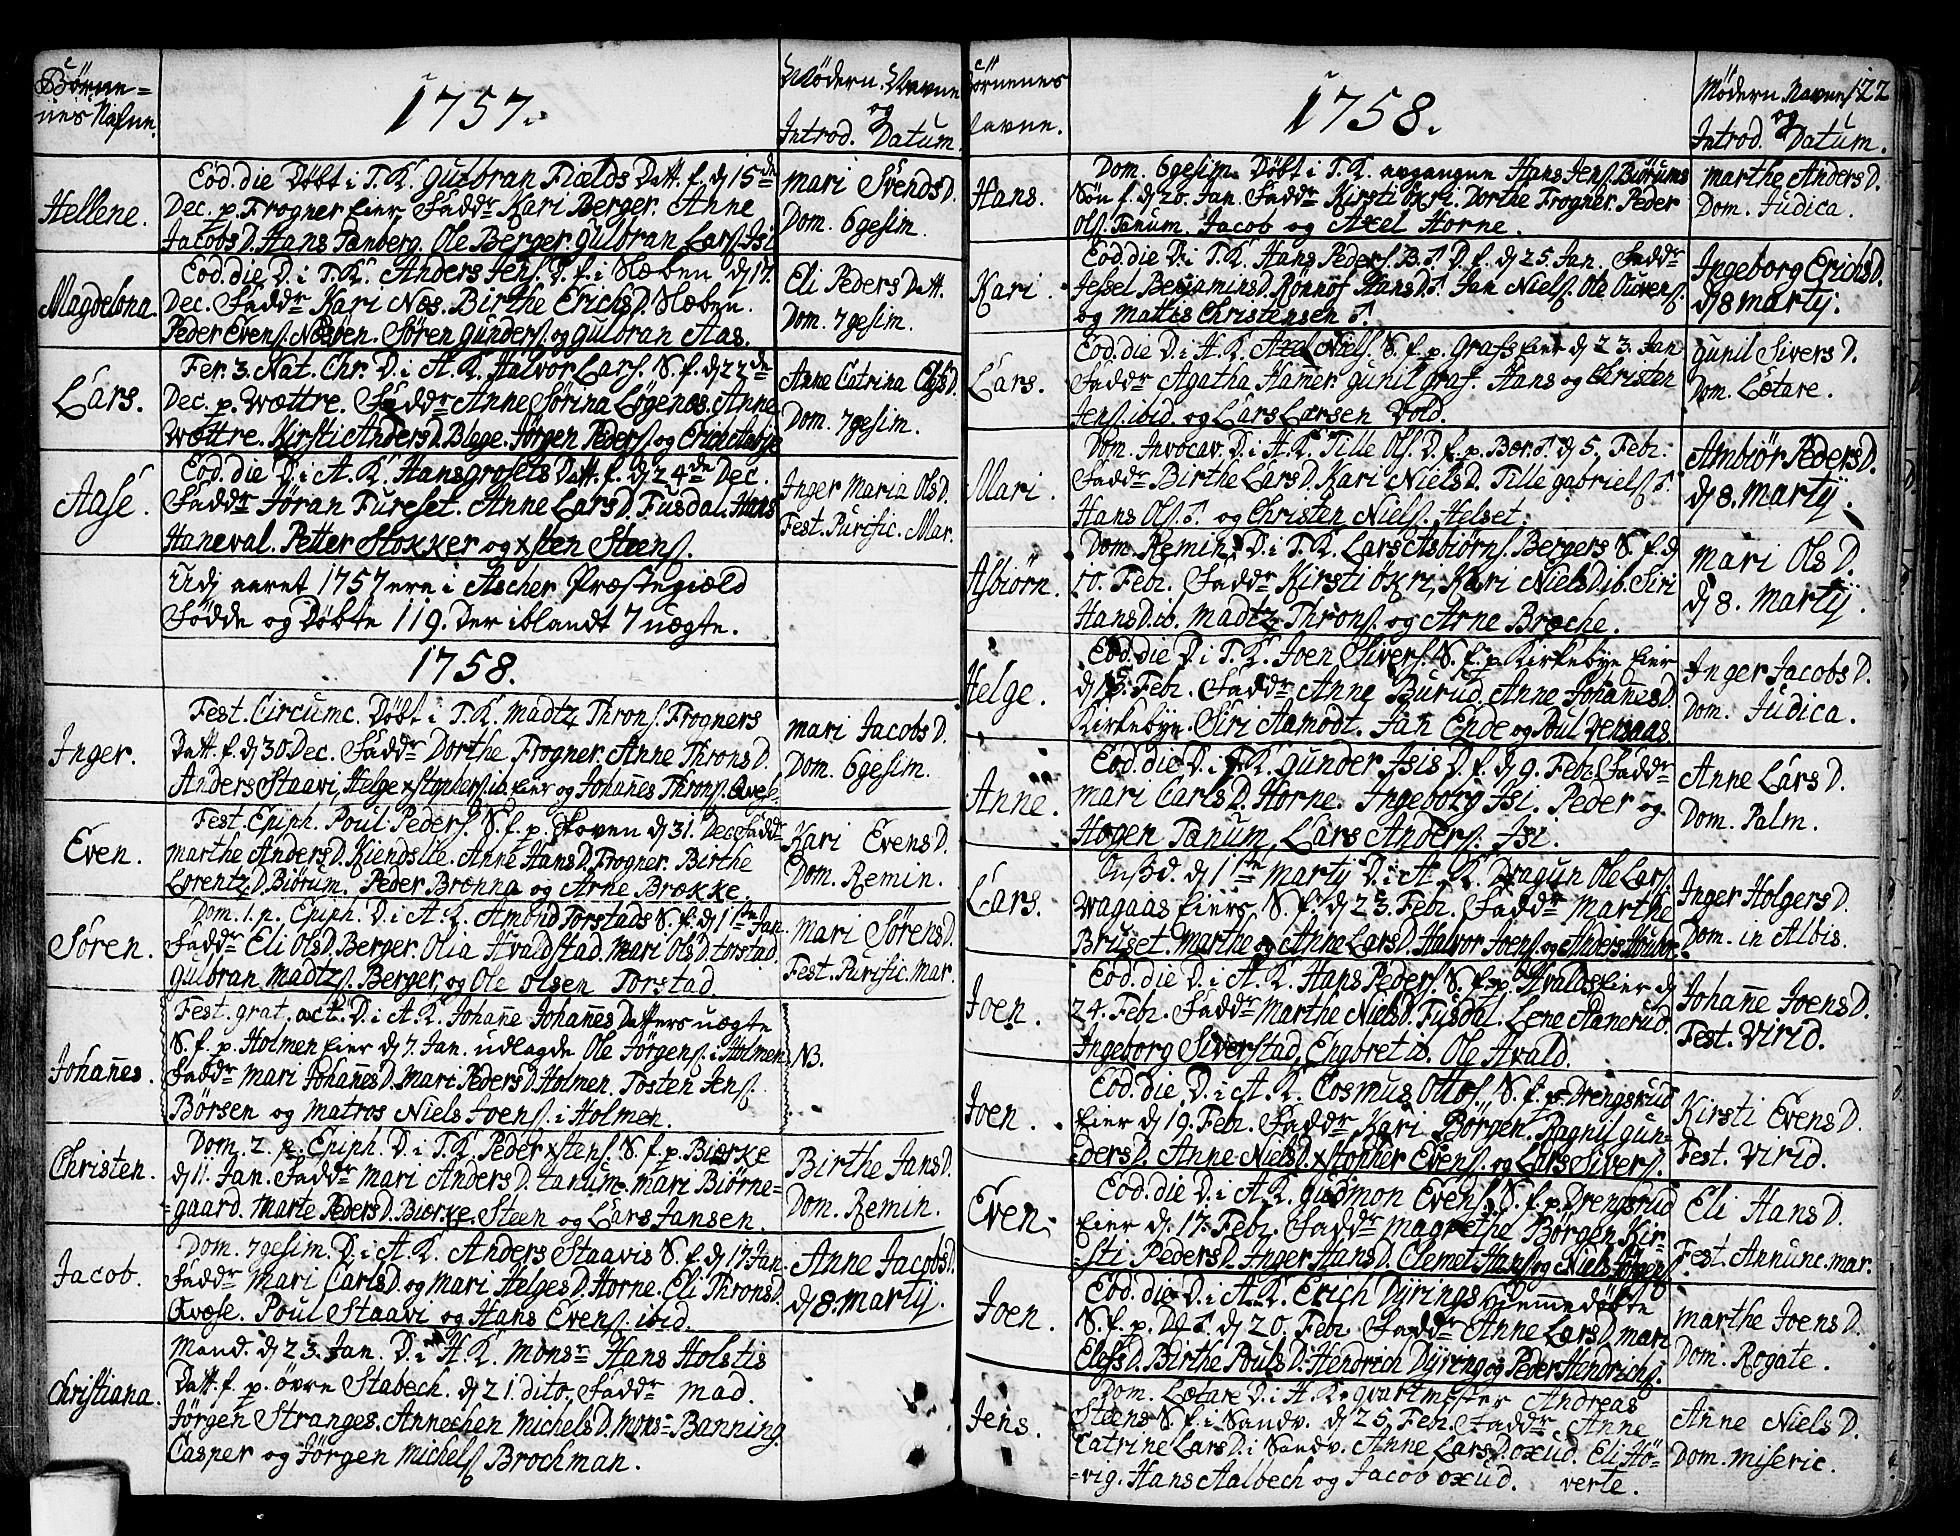 SAO, Asker prestekontor Kirkebøker, F/Fa/L0002: Ministerialbok nr. I 2, 1733-1766, s. 122